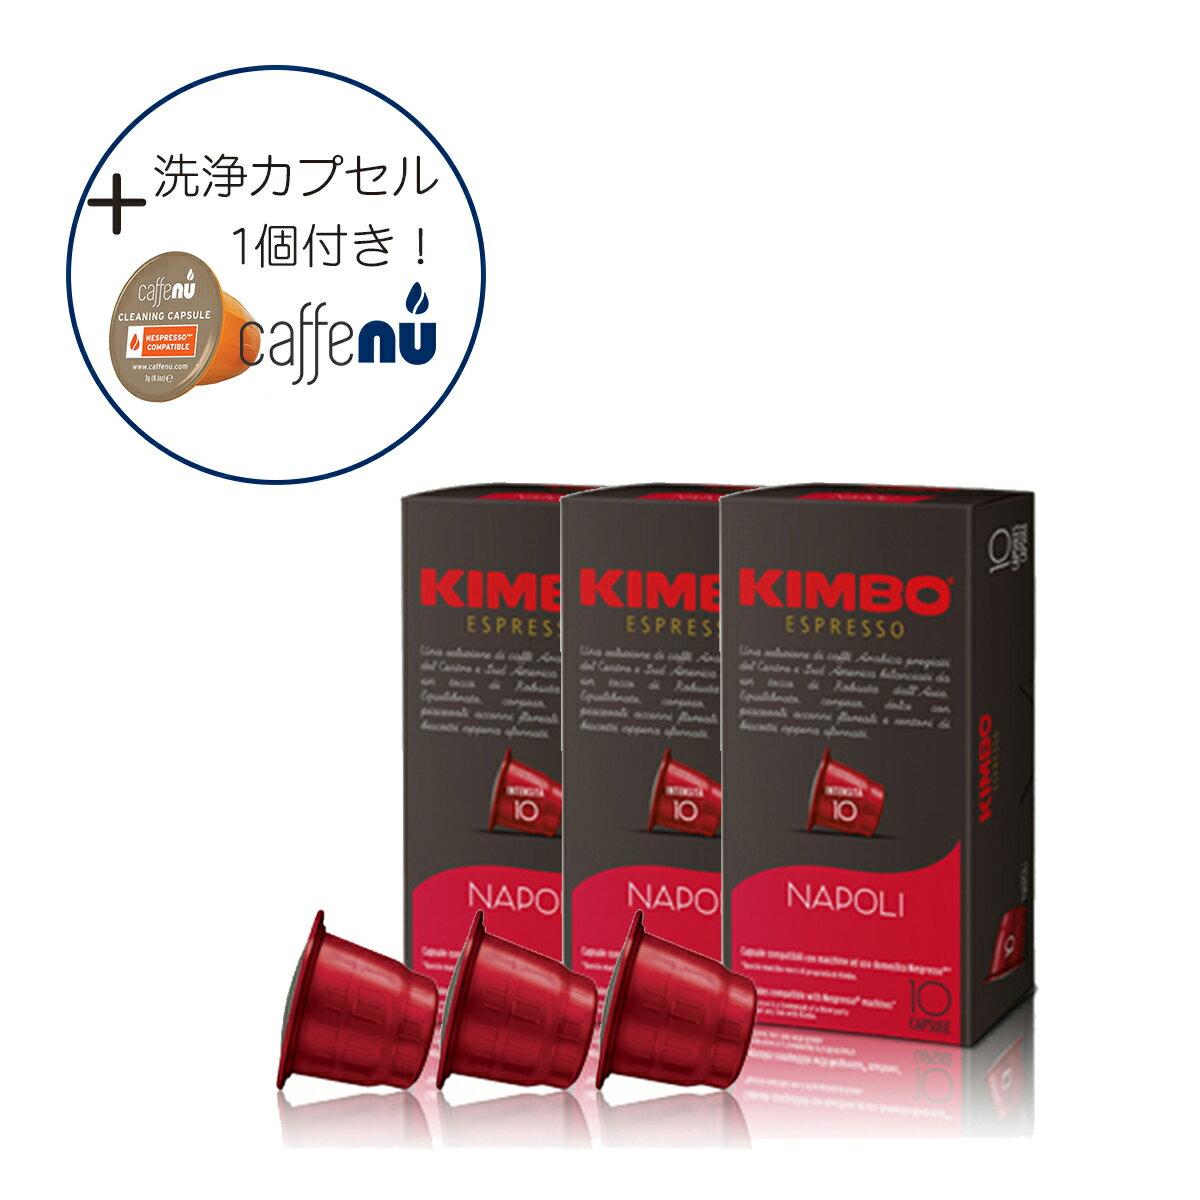 ネスプレッソ カプセル 互換 キンボ kimbo コーヒー ナポリ 1箱 10 カプセル 3箱 合計 30 カプセル 送料無料